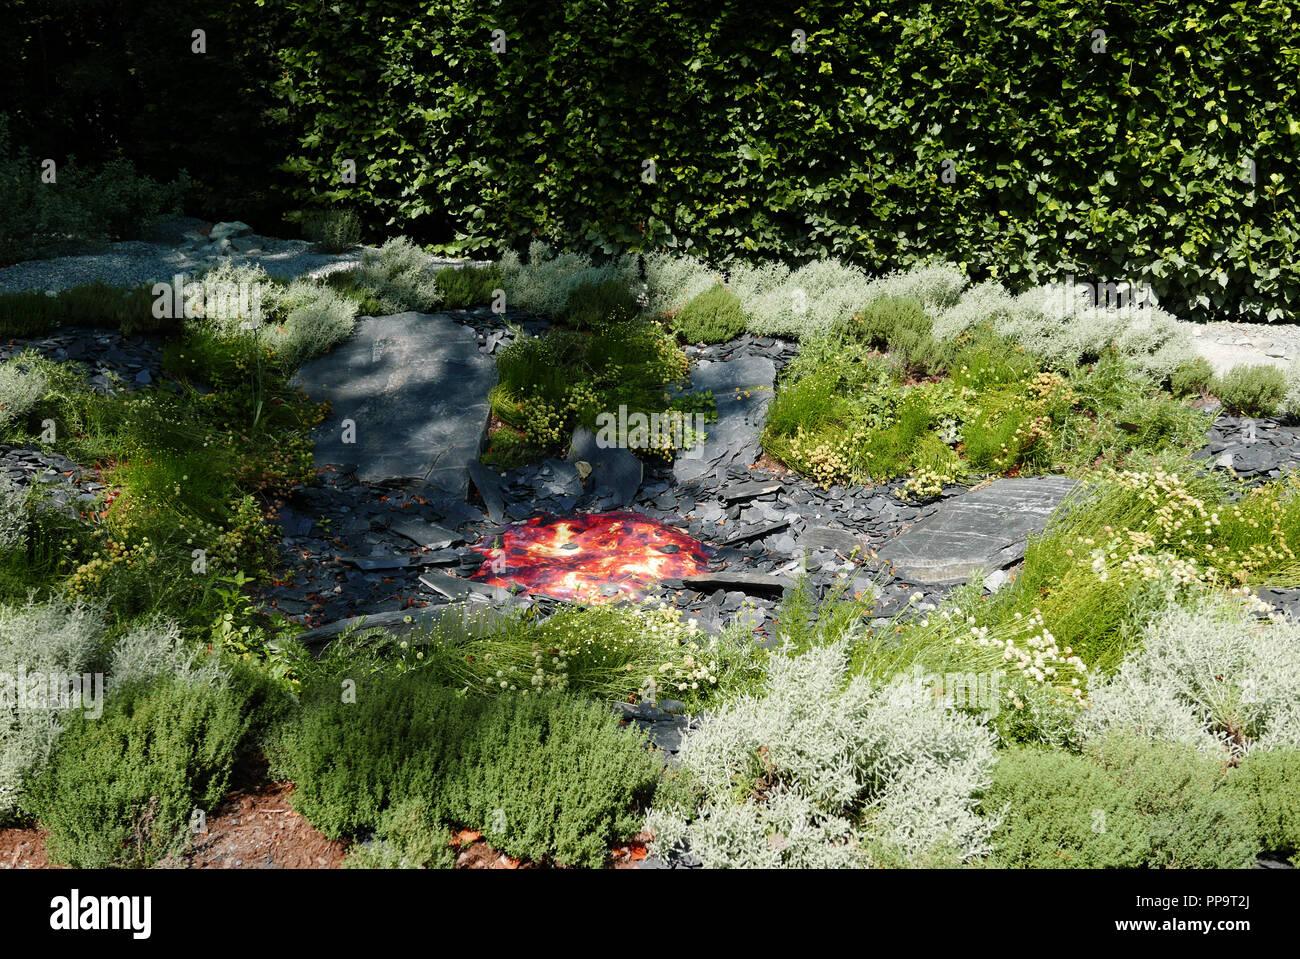 Festival Internacional de jardines, el dominio de Chaumont-sur-Loire, Centro de arte y naturaleza, valle del Loira, ONU Promenoir Infini, Loir-et-Cher, Touraine, p. Foto de stock